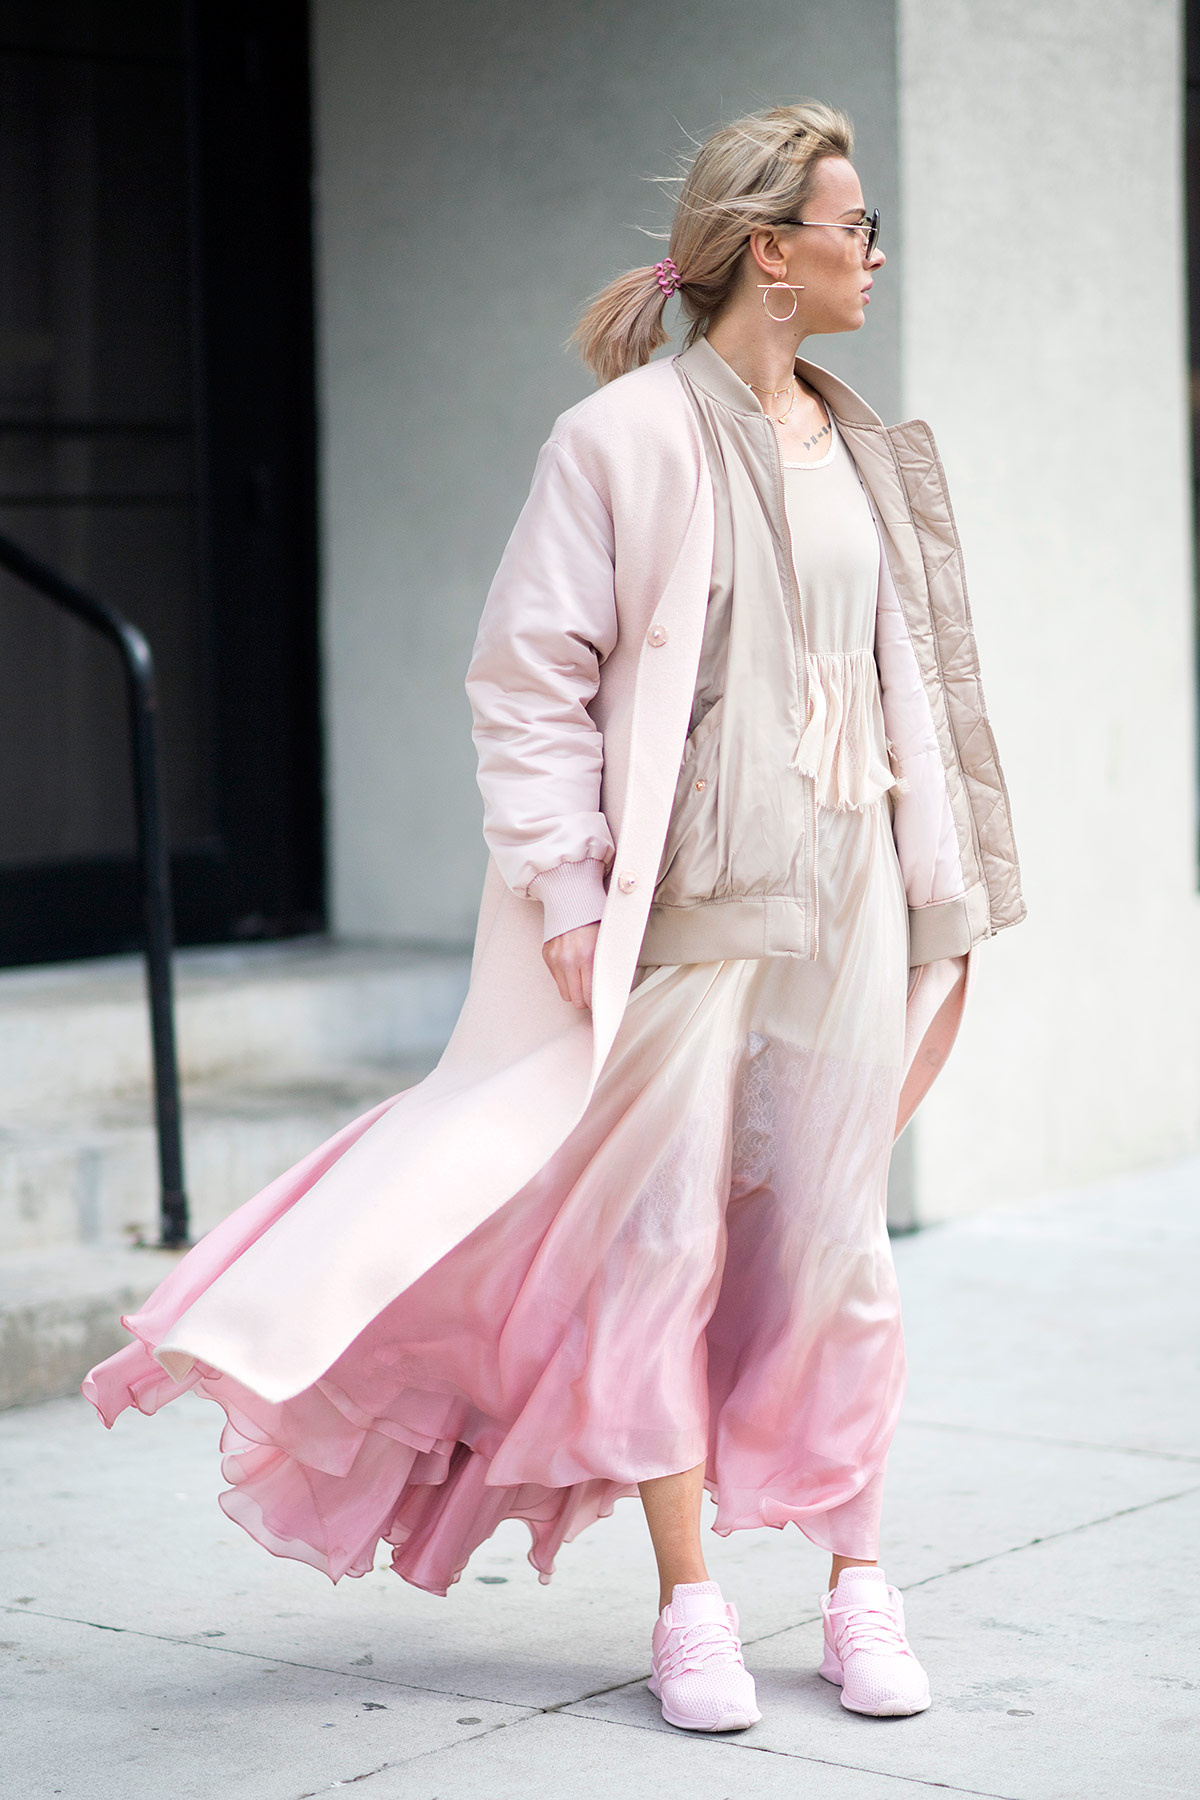 Выход в розовом: 8 примеров, как носить вещи Барби и не быть куклой